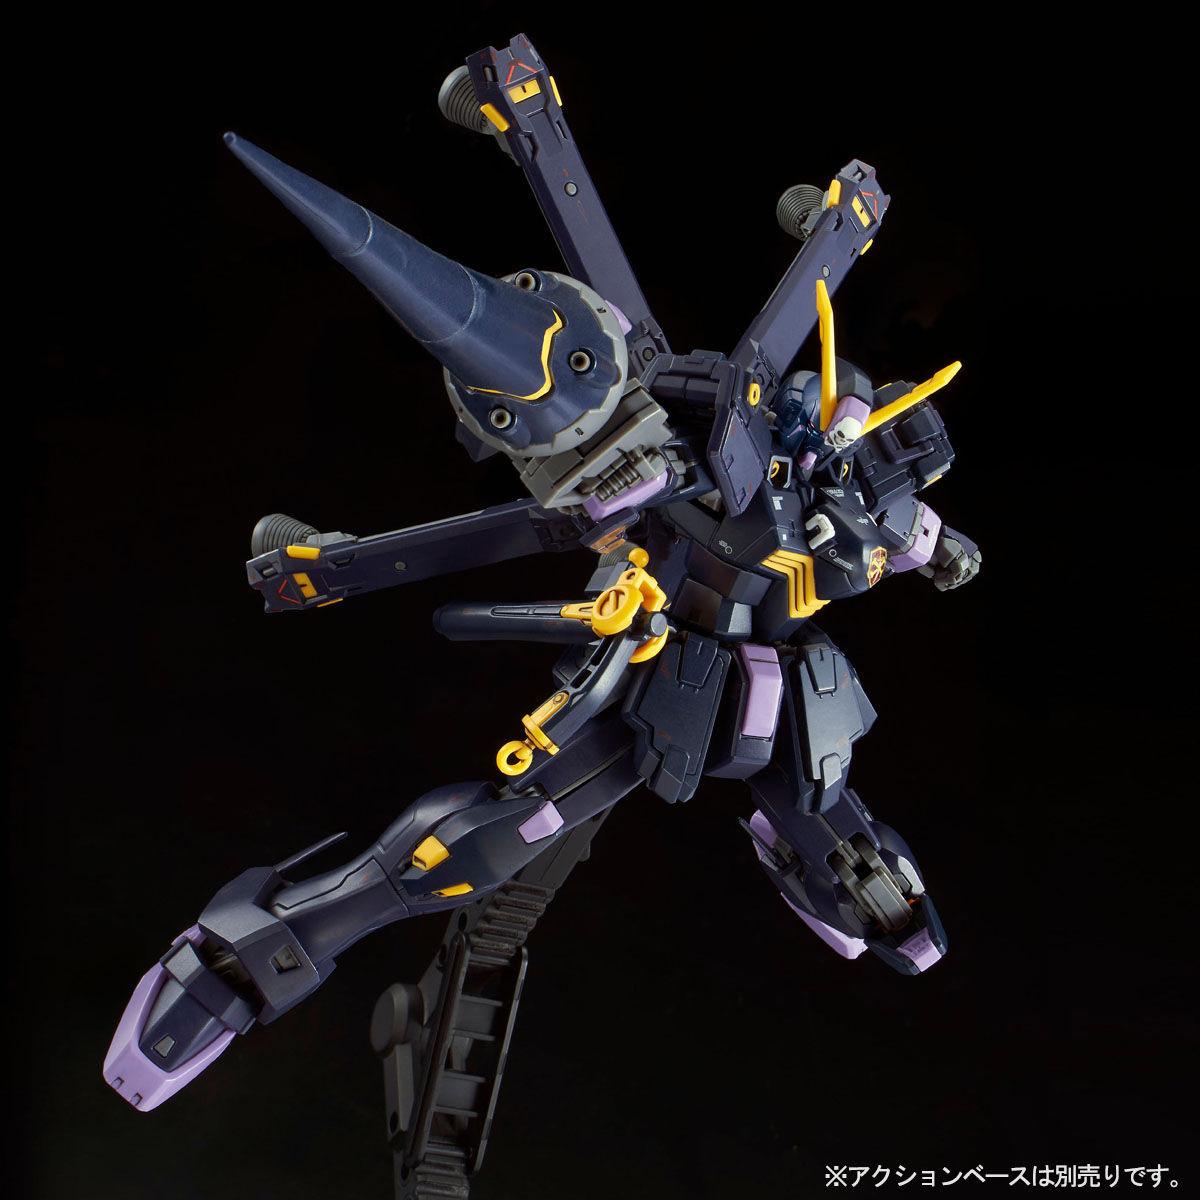 【限定販売】RG 1/144『クロスボーン・ガンダムX2』プラモデル-004